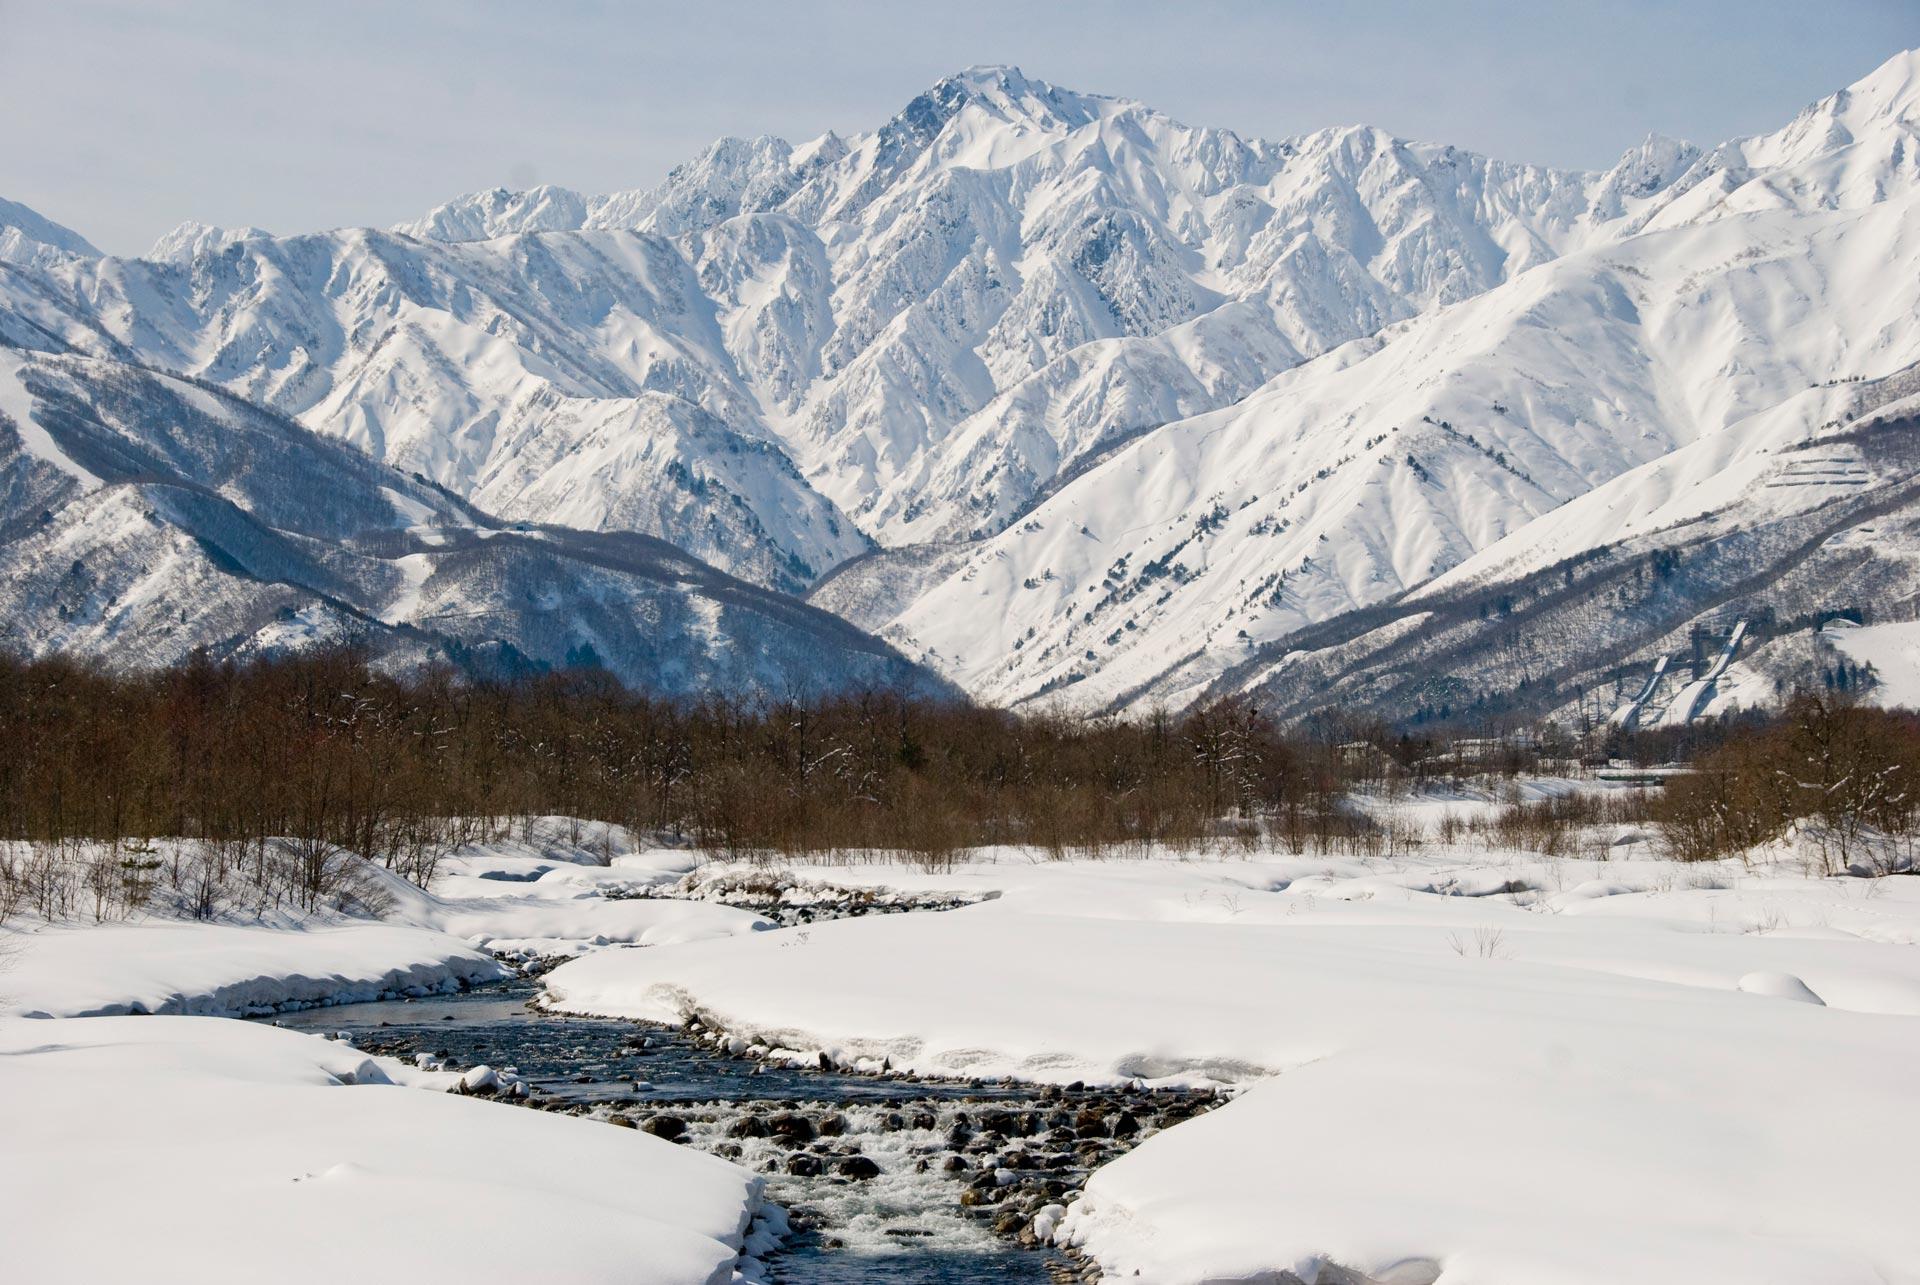 Eine schöne Landschaft ist schon mal garantiert in Japan! - Foto: Sarah Mulholland